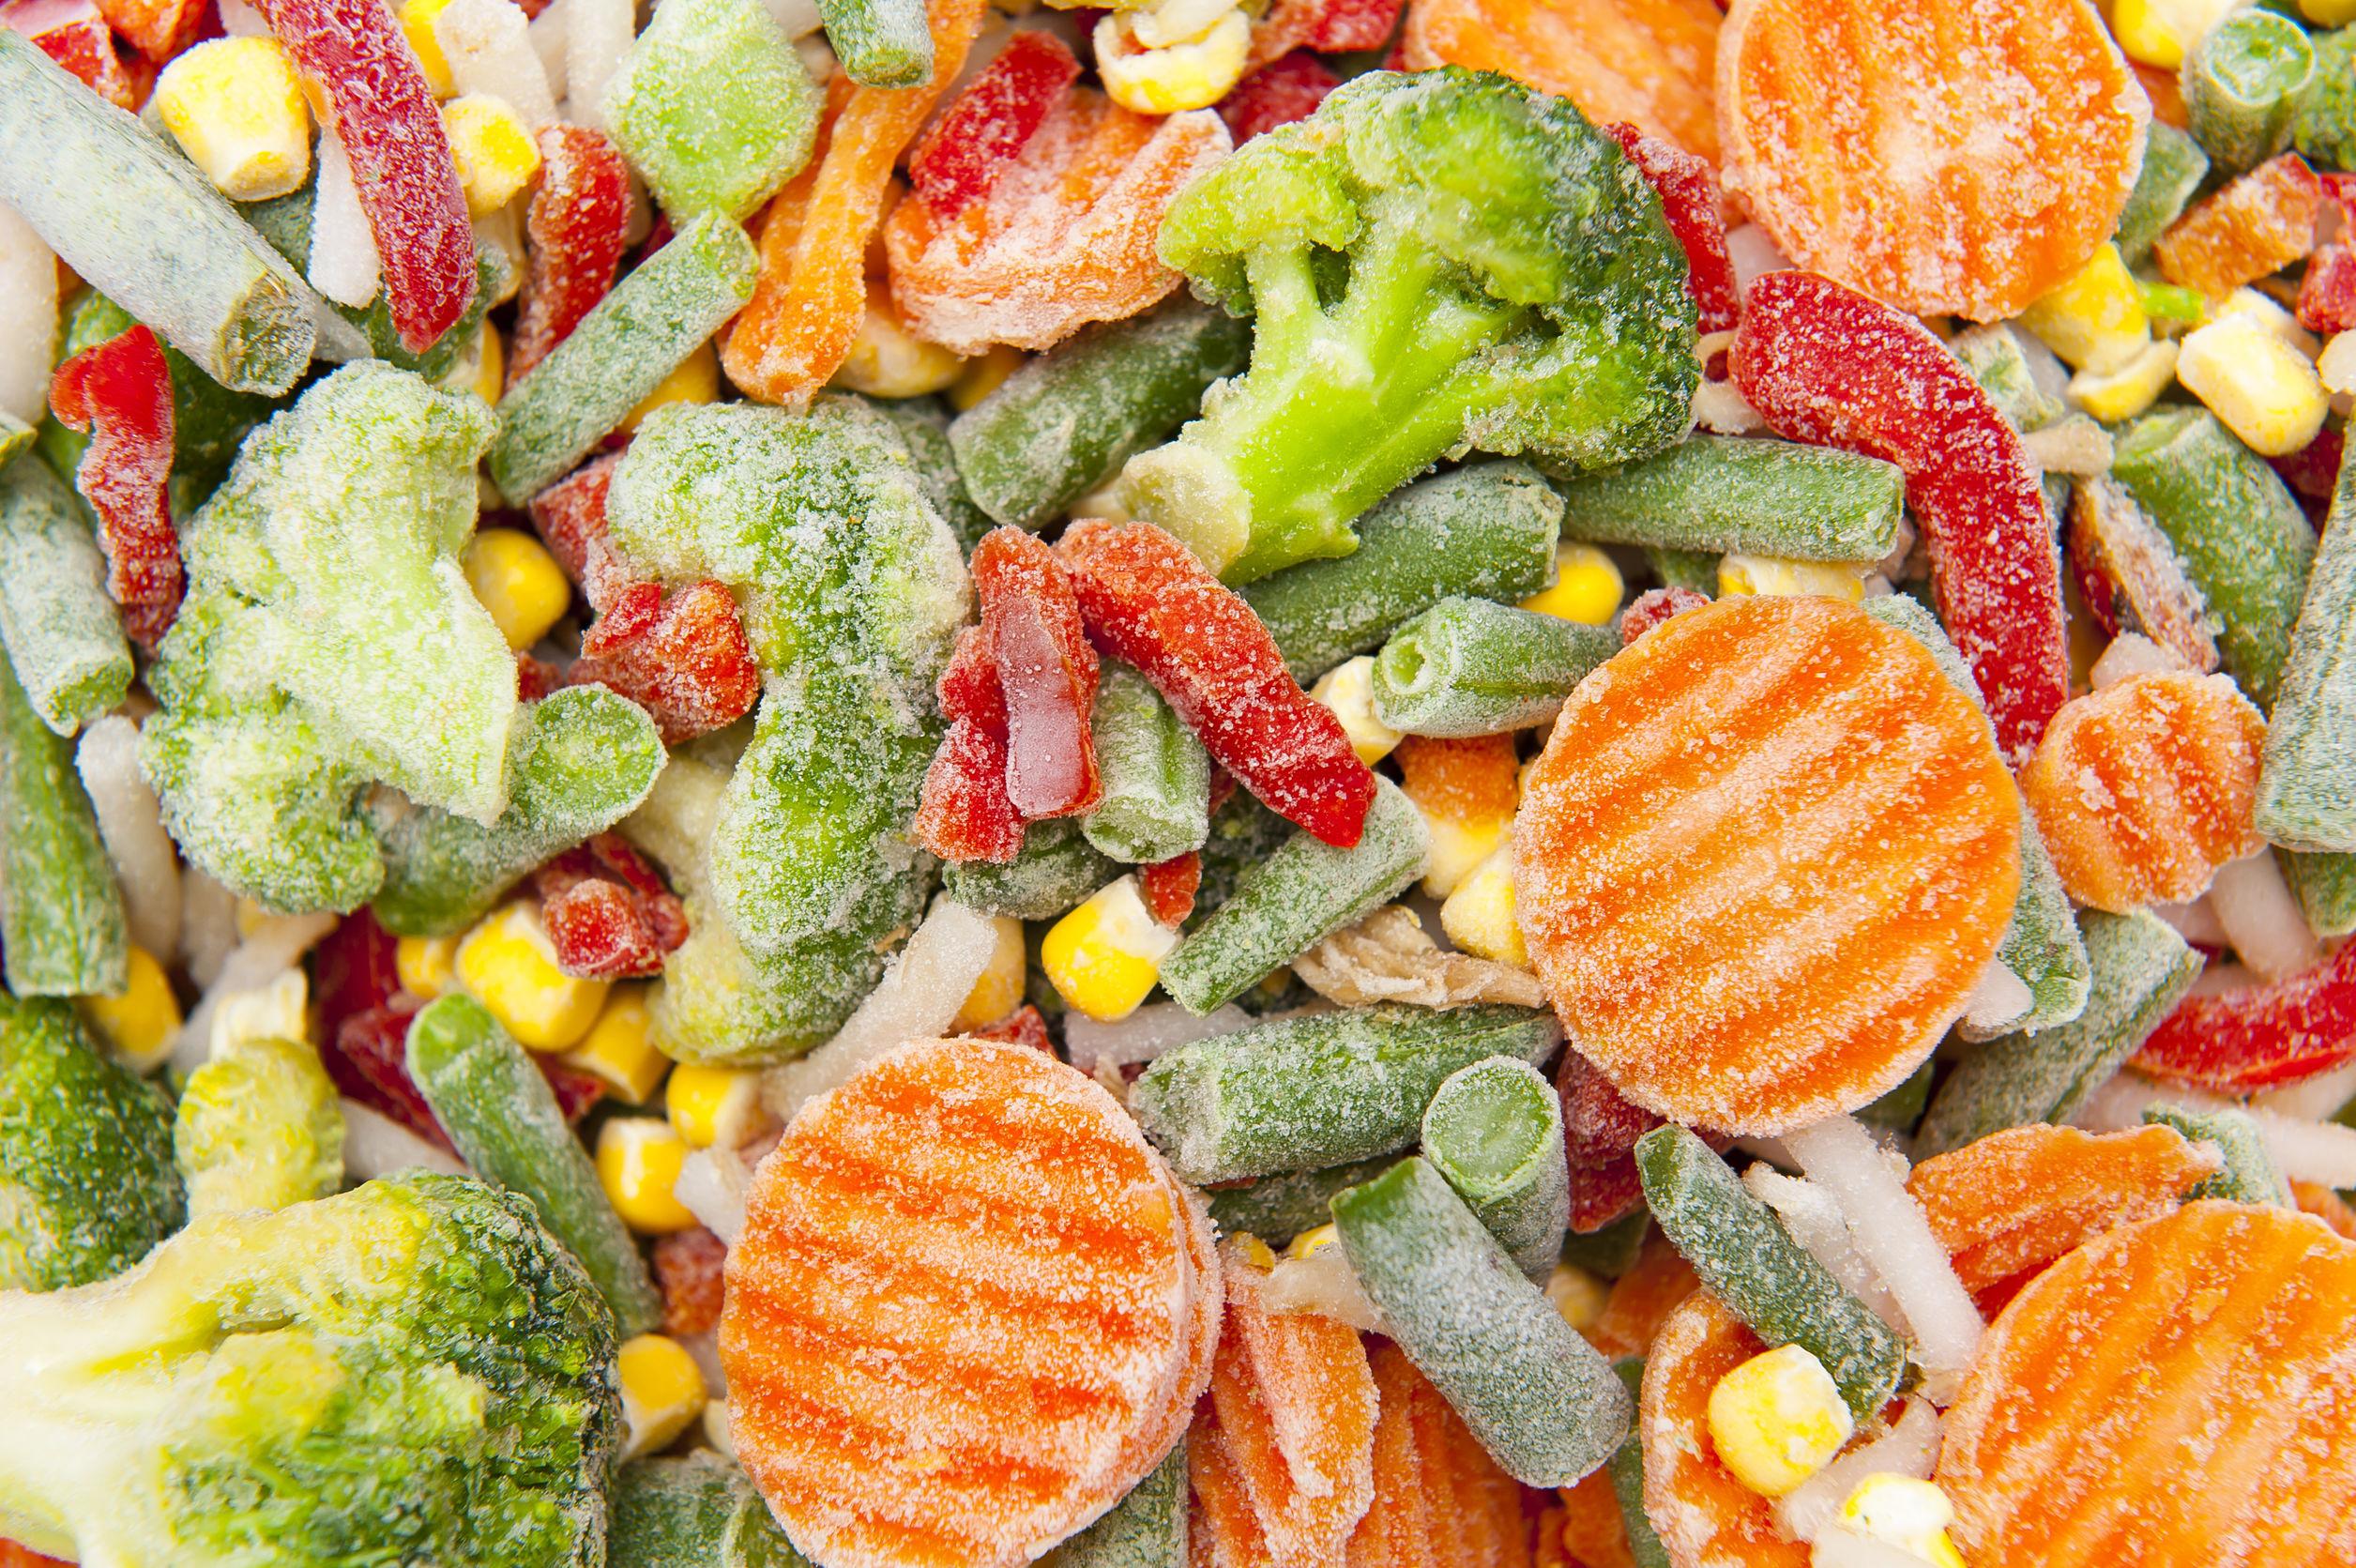 замороженные овощи с фото и названиями оборудована